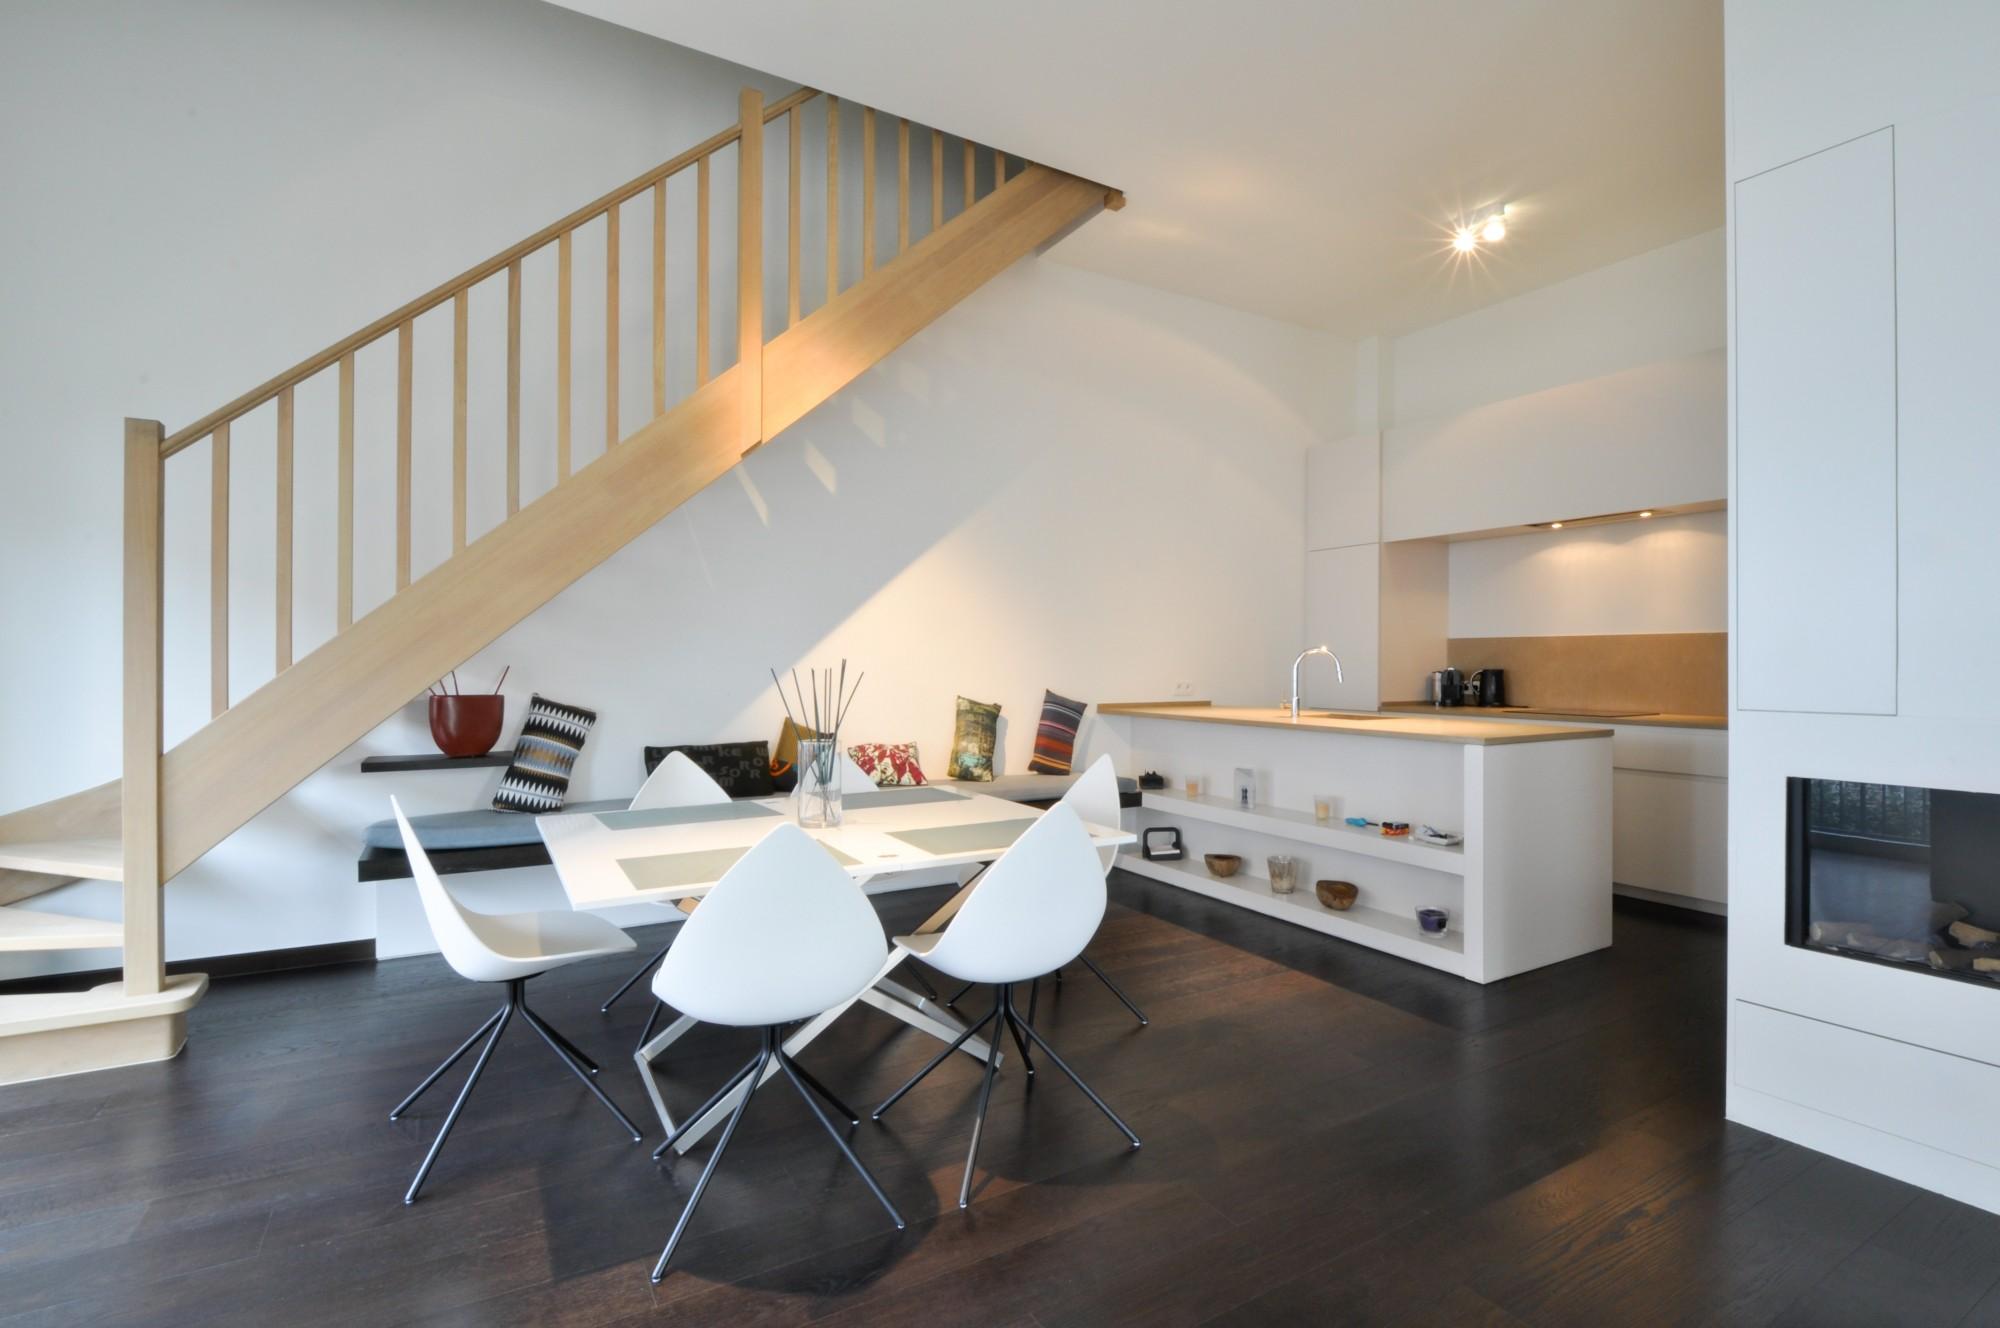 Locations huis t3 f3 knokke zoute loft woning aan de oosthoek prestigieus vastgoedkantoor - Huis loft ...